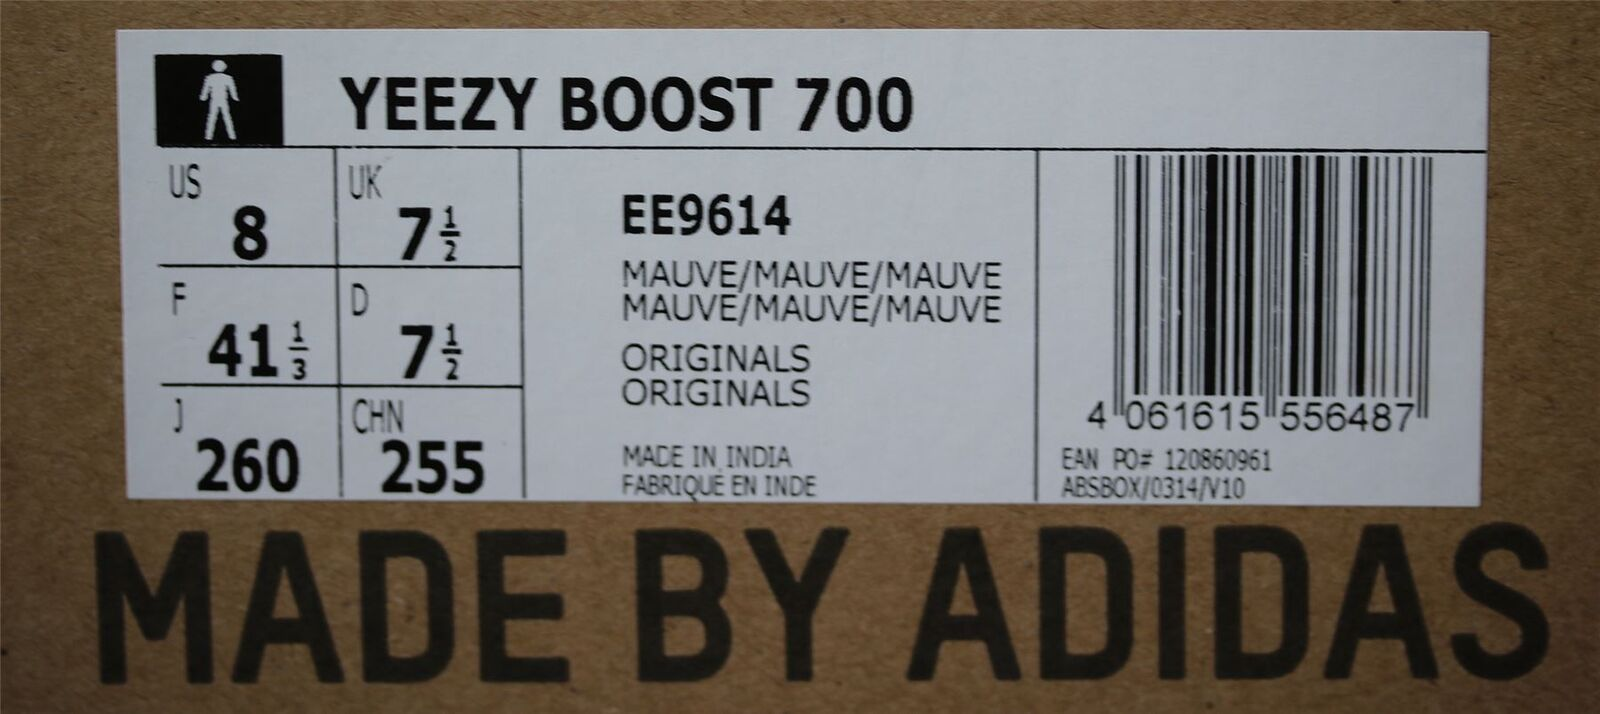 ADIDAS Yeezy Boost 700 Wave Runner Runner Runner Scarpe Da Ginnastica EU 41.5 US 8 1b968e